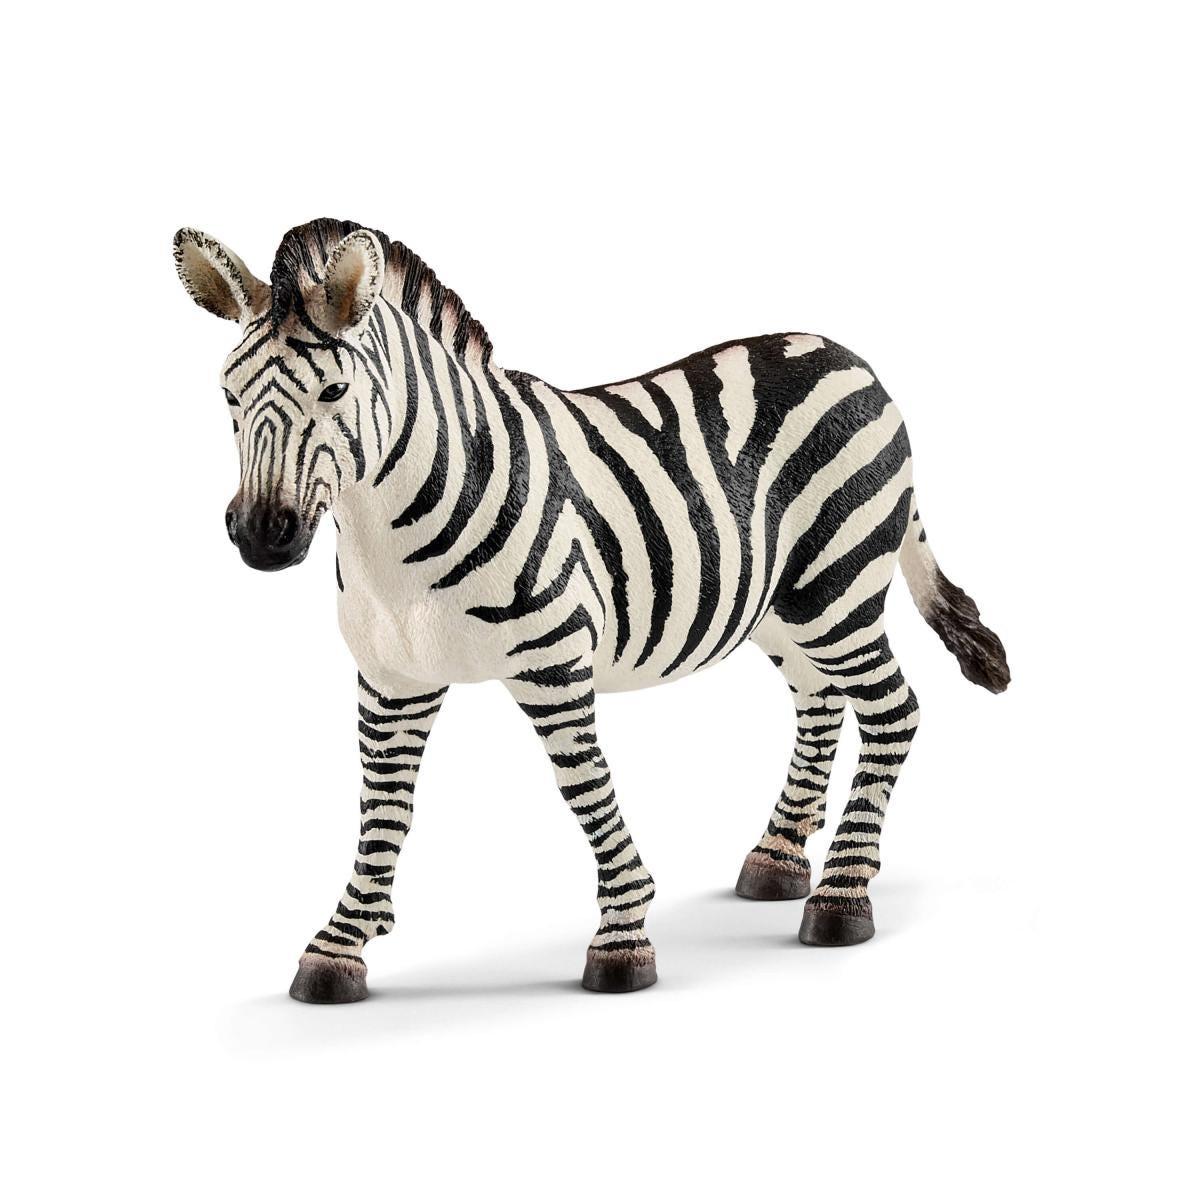 zebra female 14810 wild life schleich